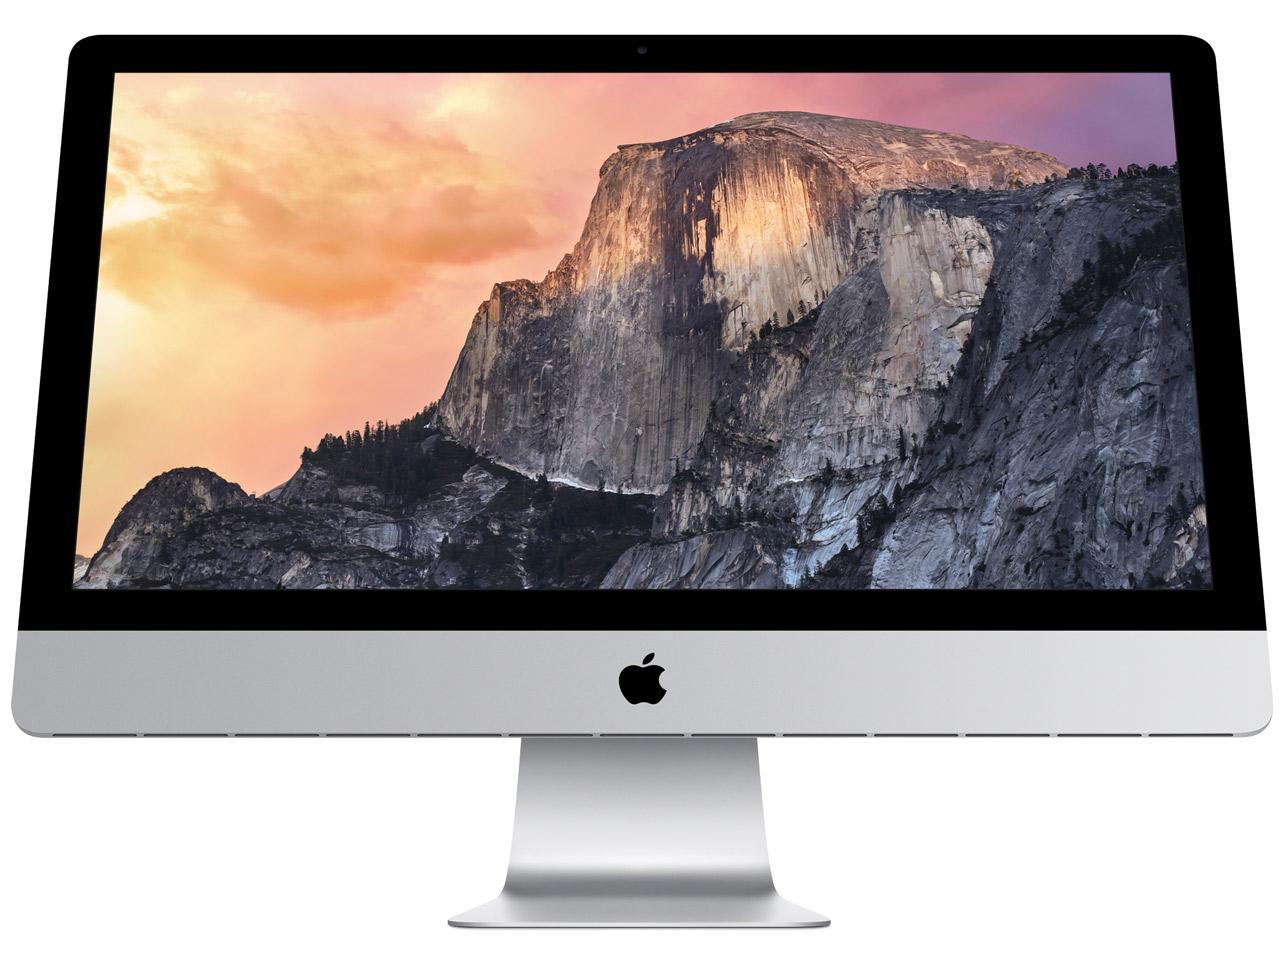 『本体』 iMac Retina 5Kディスプレイモデル MF886J/A [3500] の製品画像